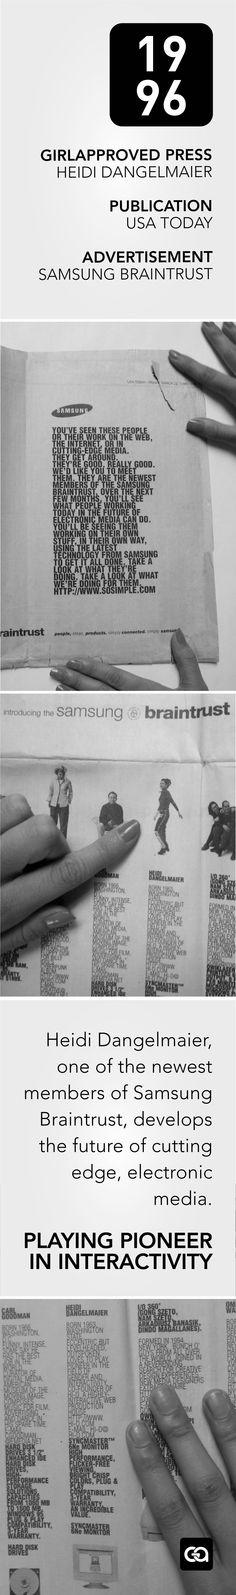 Heidi Dangelmaier in Samsung's Braintrust Ad